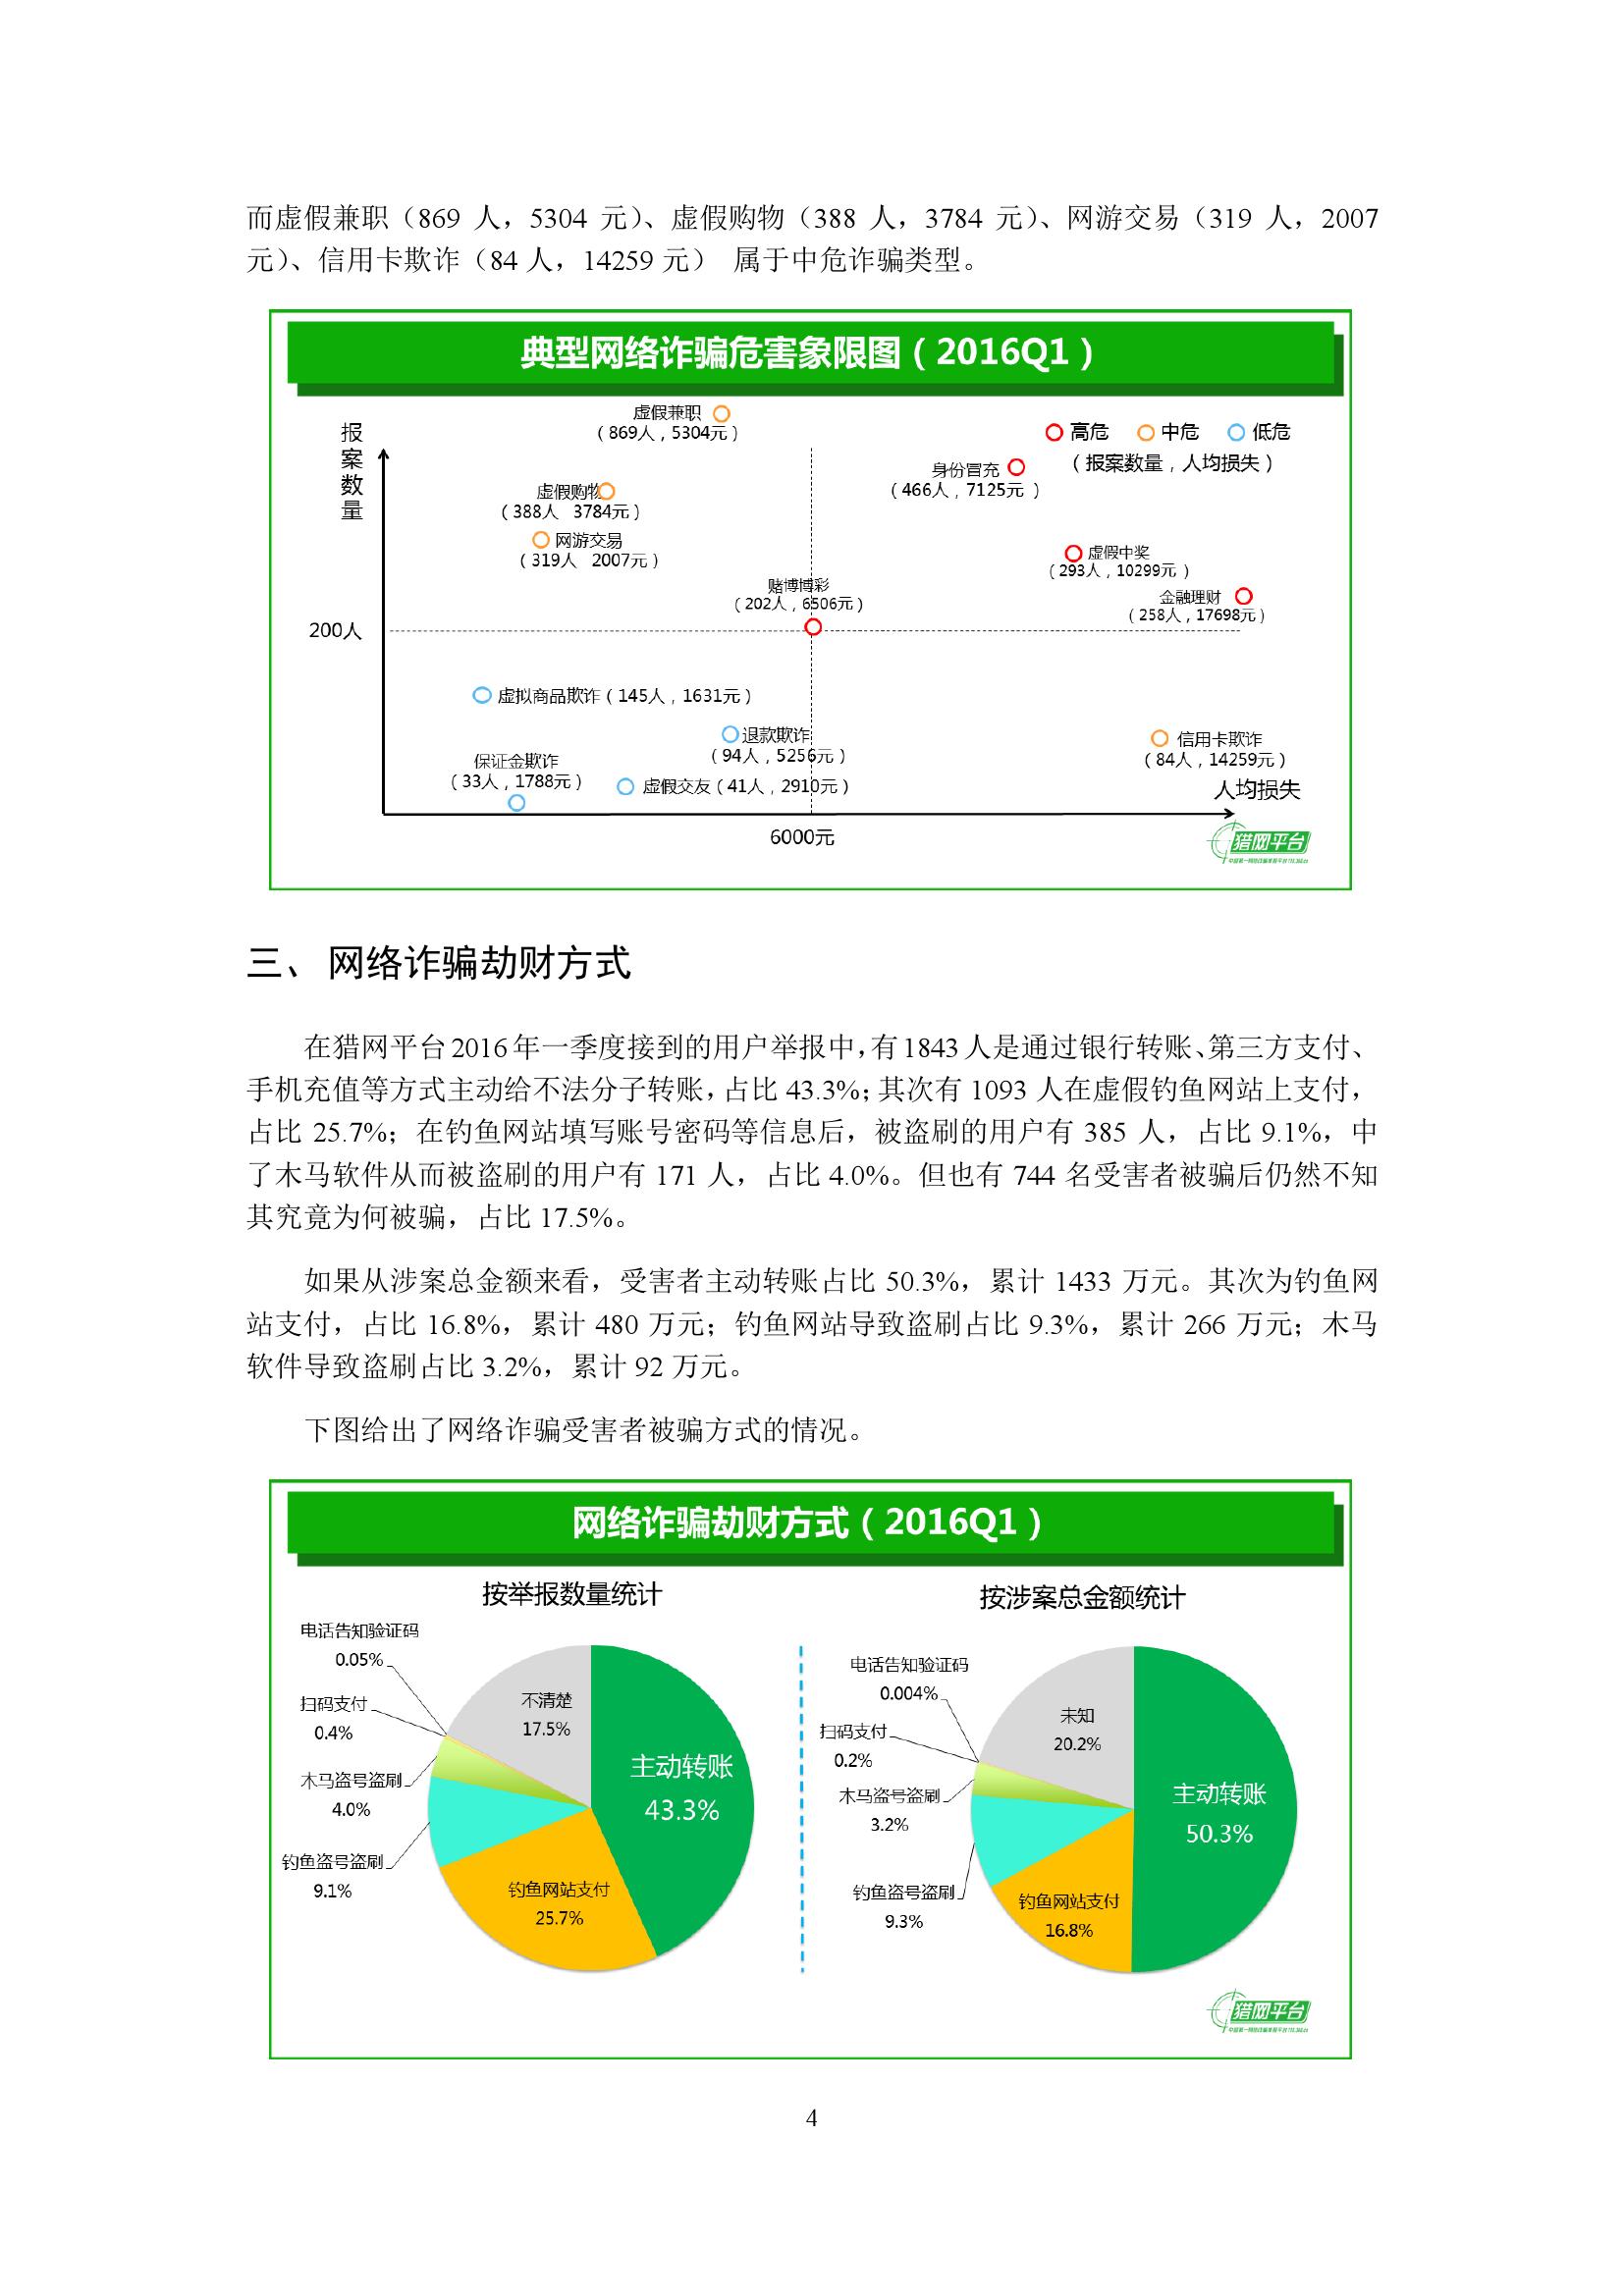 2016年第一季度网络诈骗趋势研究报告_000007